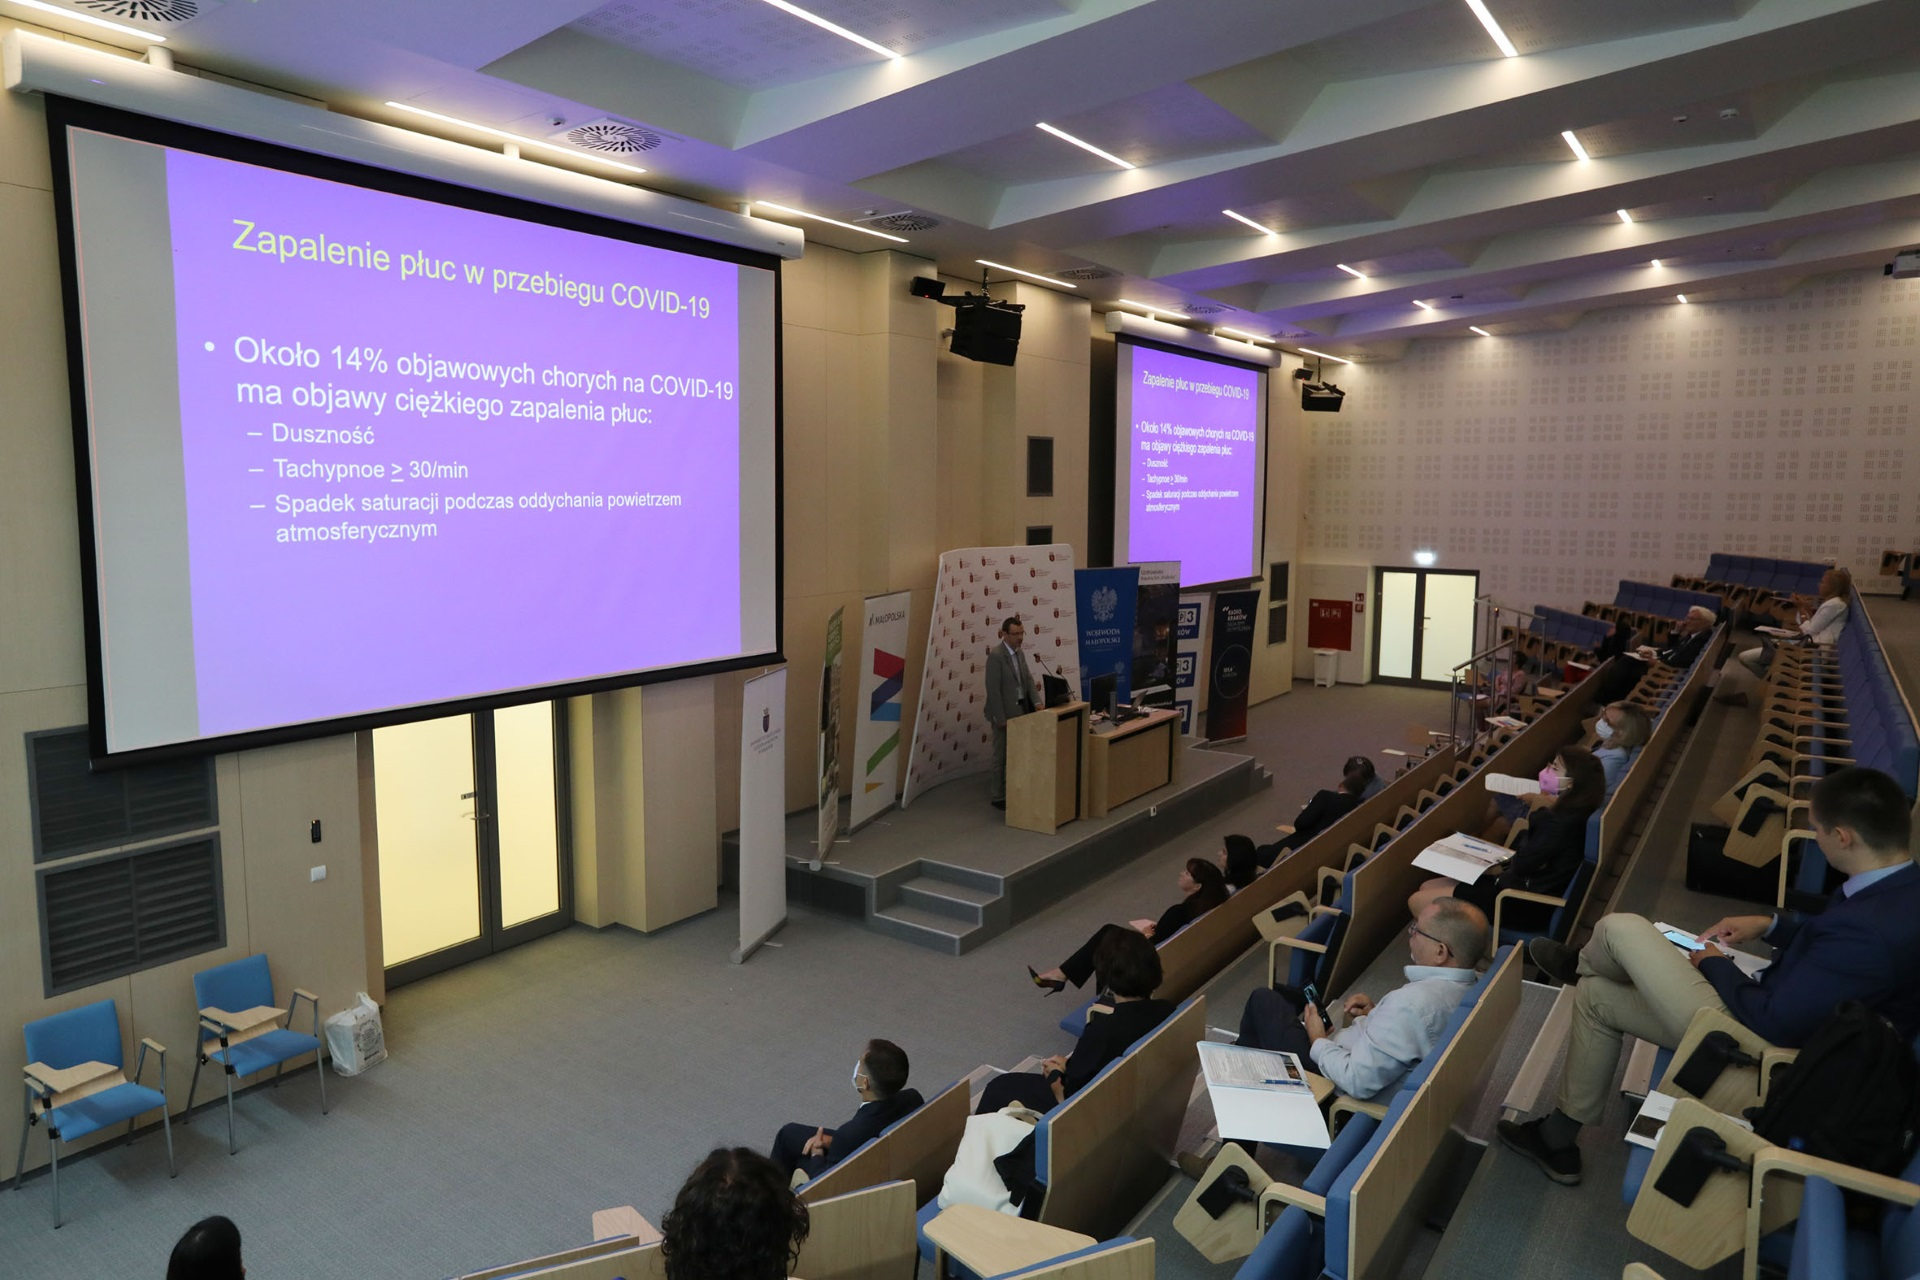 Sala konferencyjna. Na dwóch ekranach wyświetlona treść prezentacji, po prawej stronie kadru rzędy niebieskich krzeseł zajętych przez uczestników spotkania